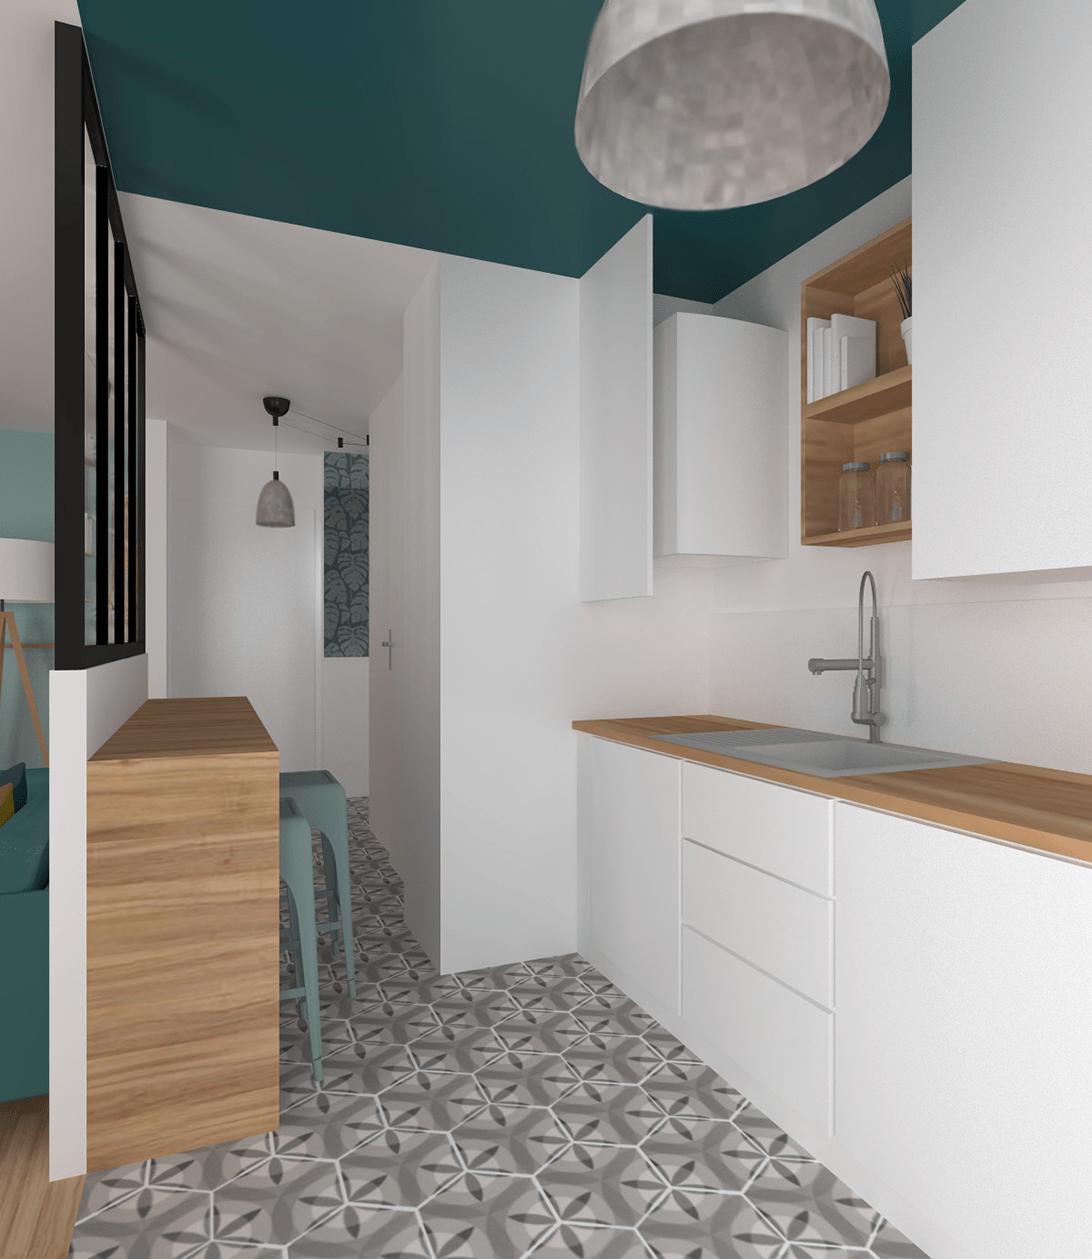 Déco Maison Meuliere: Bleu Ciel & Paon Un Appartement Rénové à L'image De Sa